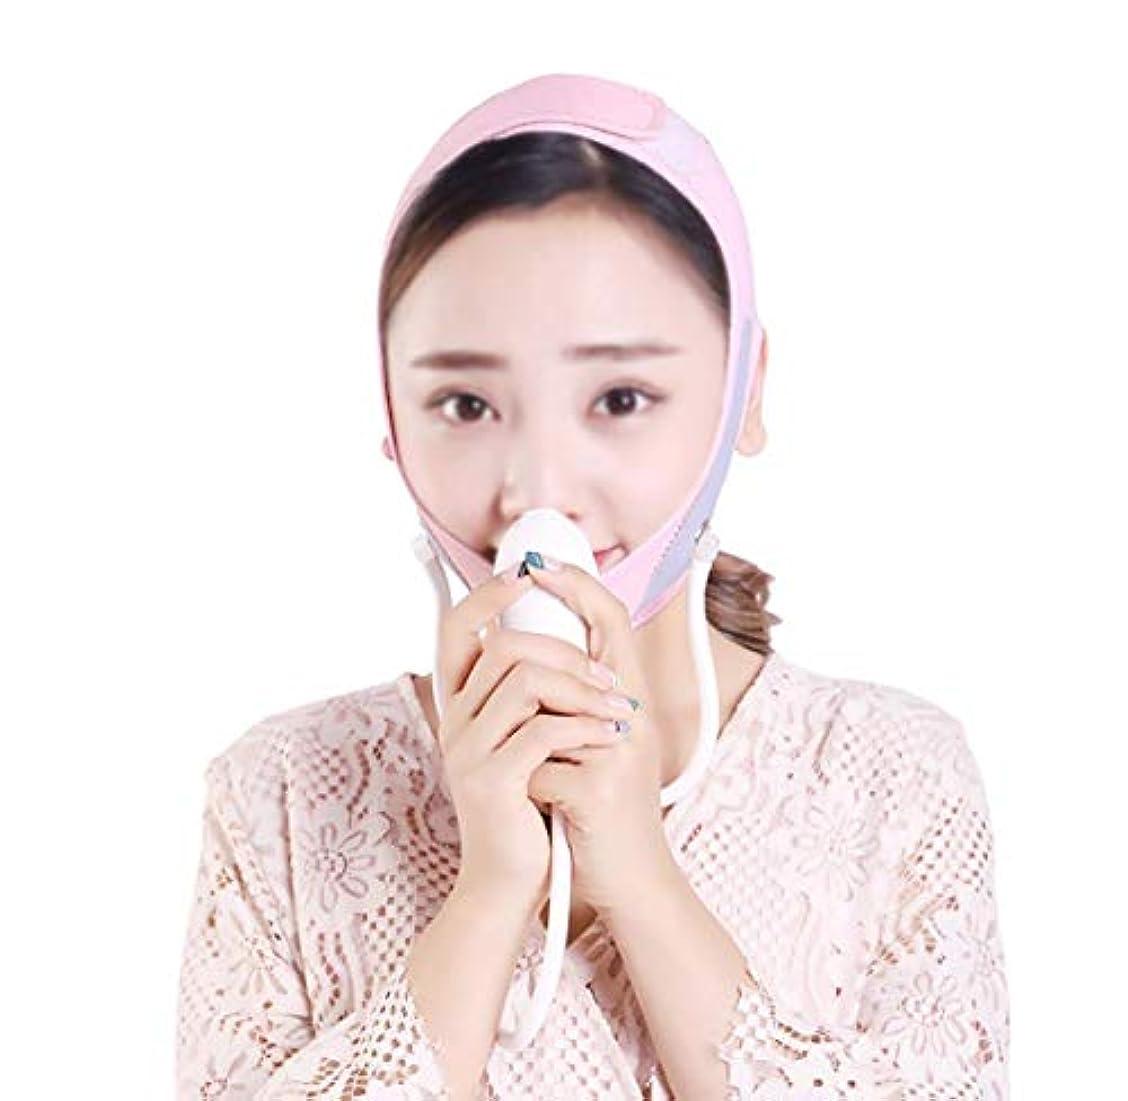 酸化する到着部屋を掃除するフェイシャルマスク、インフレータブル調整可能なフェイスリフトアーティファクト包帯からダブルチンリフト会社サイズVフェイス男性と女性スリミングベルト